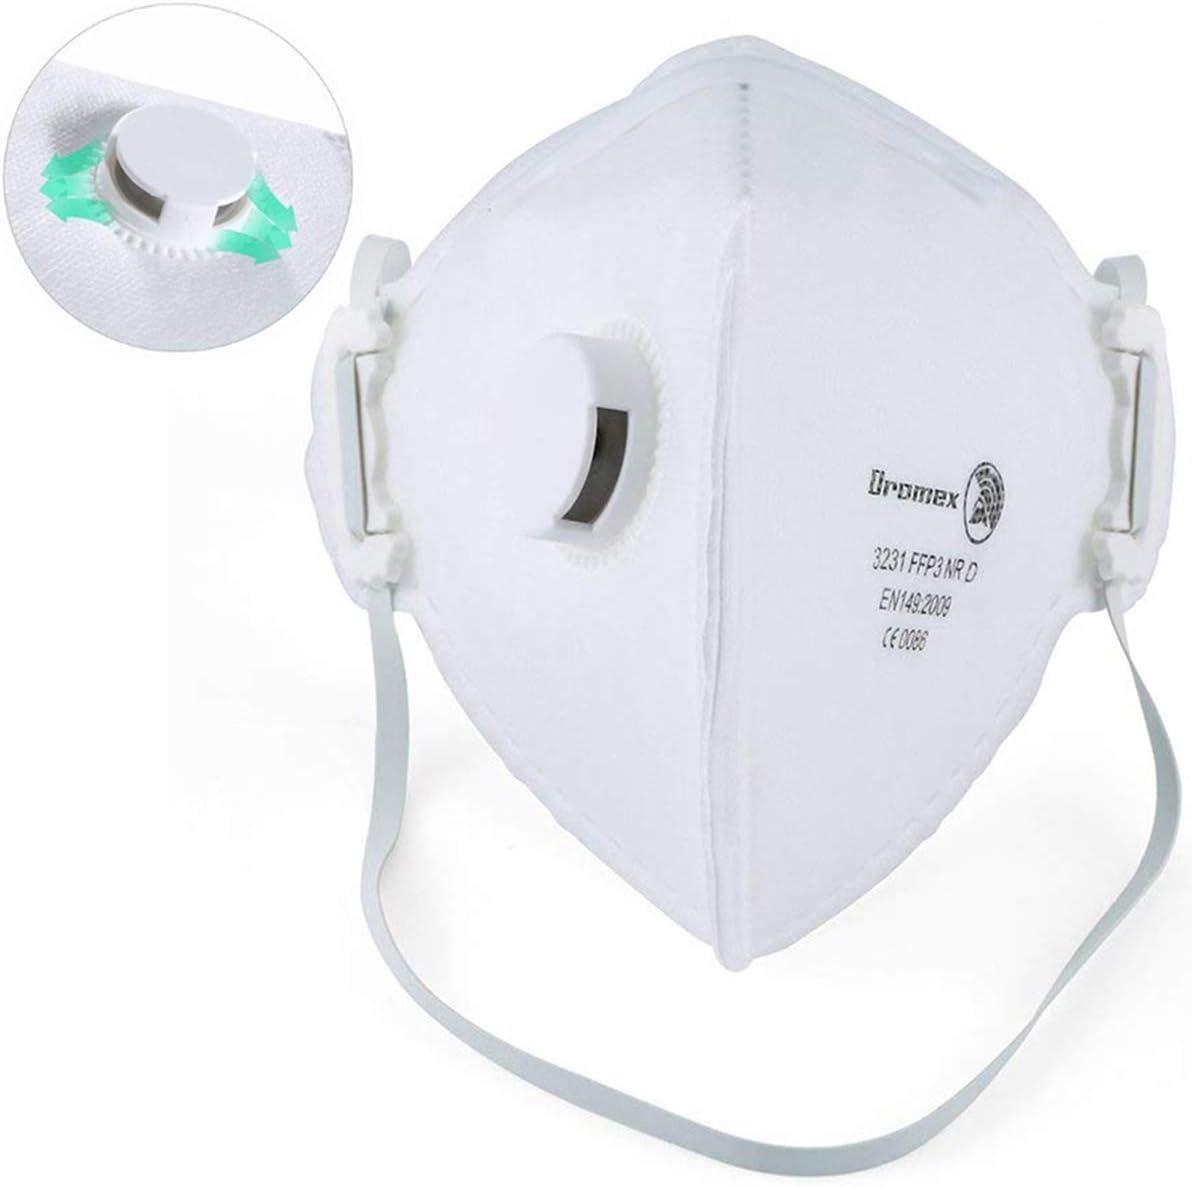 FFP3 Mascarilla Virus,N99 Máscara de Seguridad Antipolución con Filtro de Respiración de Válvula Partículas de Aire Aisladas y Prevenir Virus de Neumonía Infe